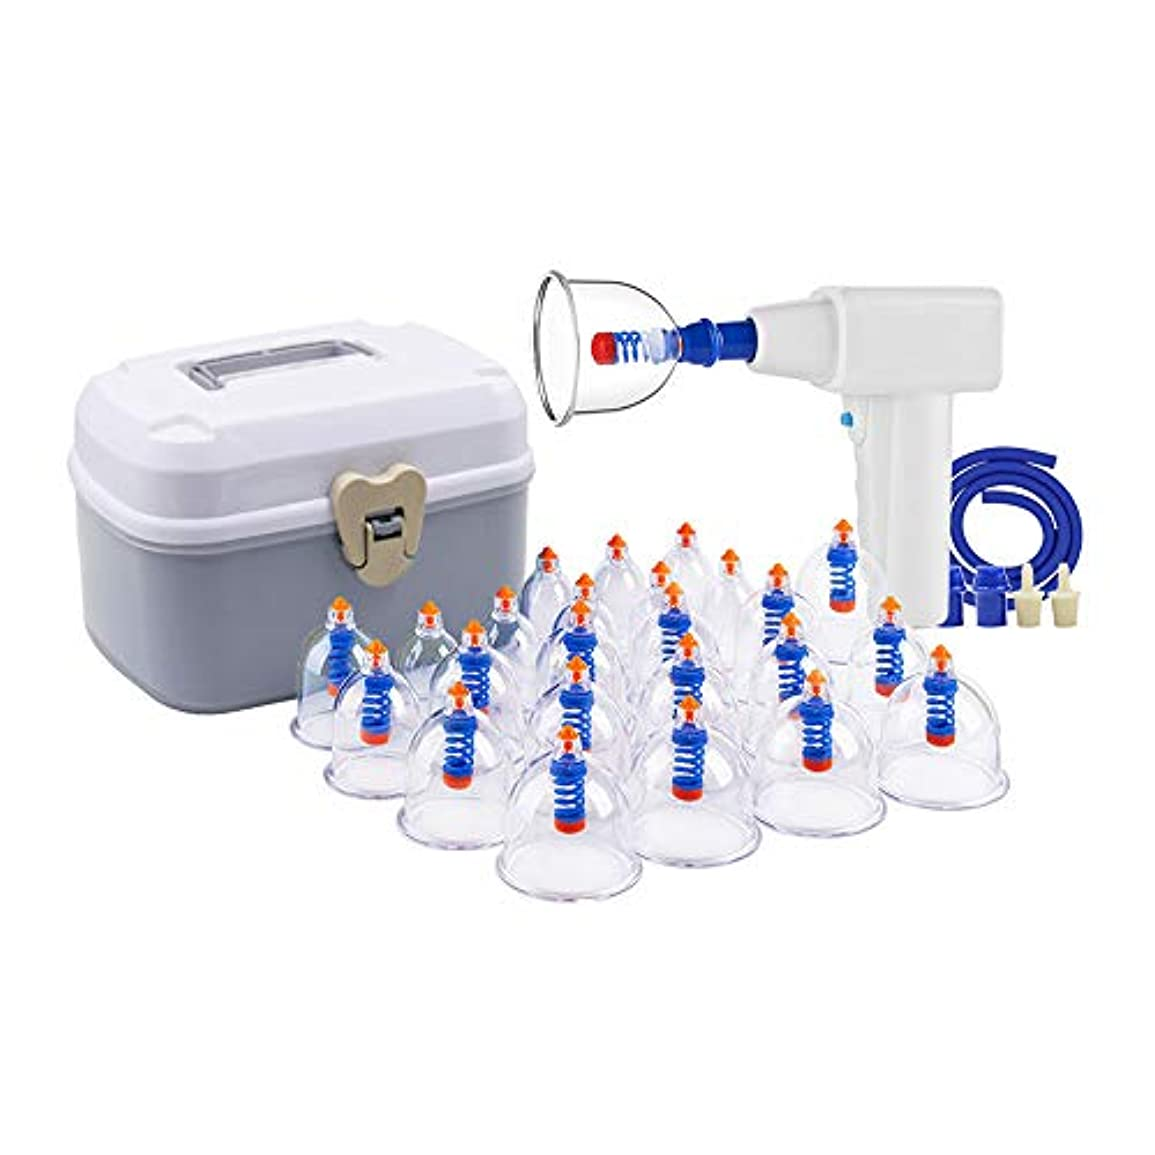 拡散する自発的させるカッピング装置 - 家庭用電気プロフェッショナルカッピング治療装置24カップは、大人と高齢者に適したポンプと伸展チューブで設定 美しさ